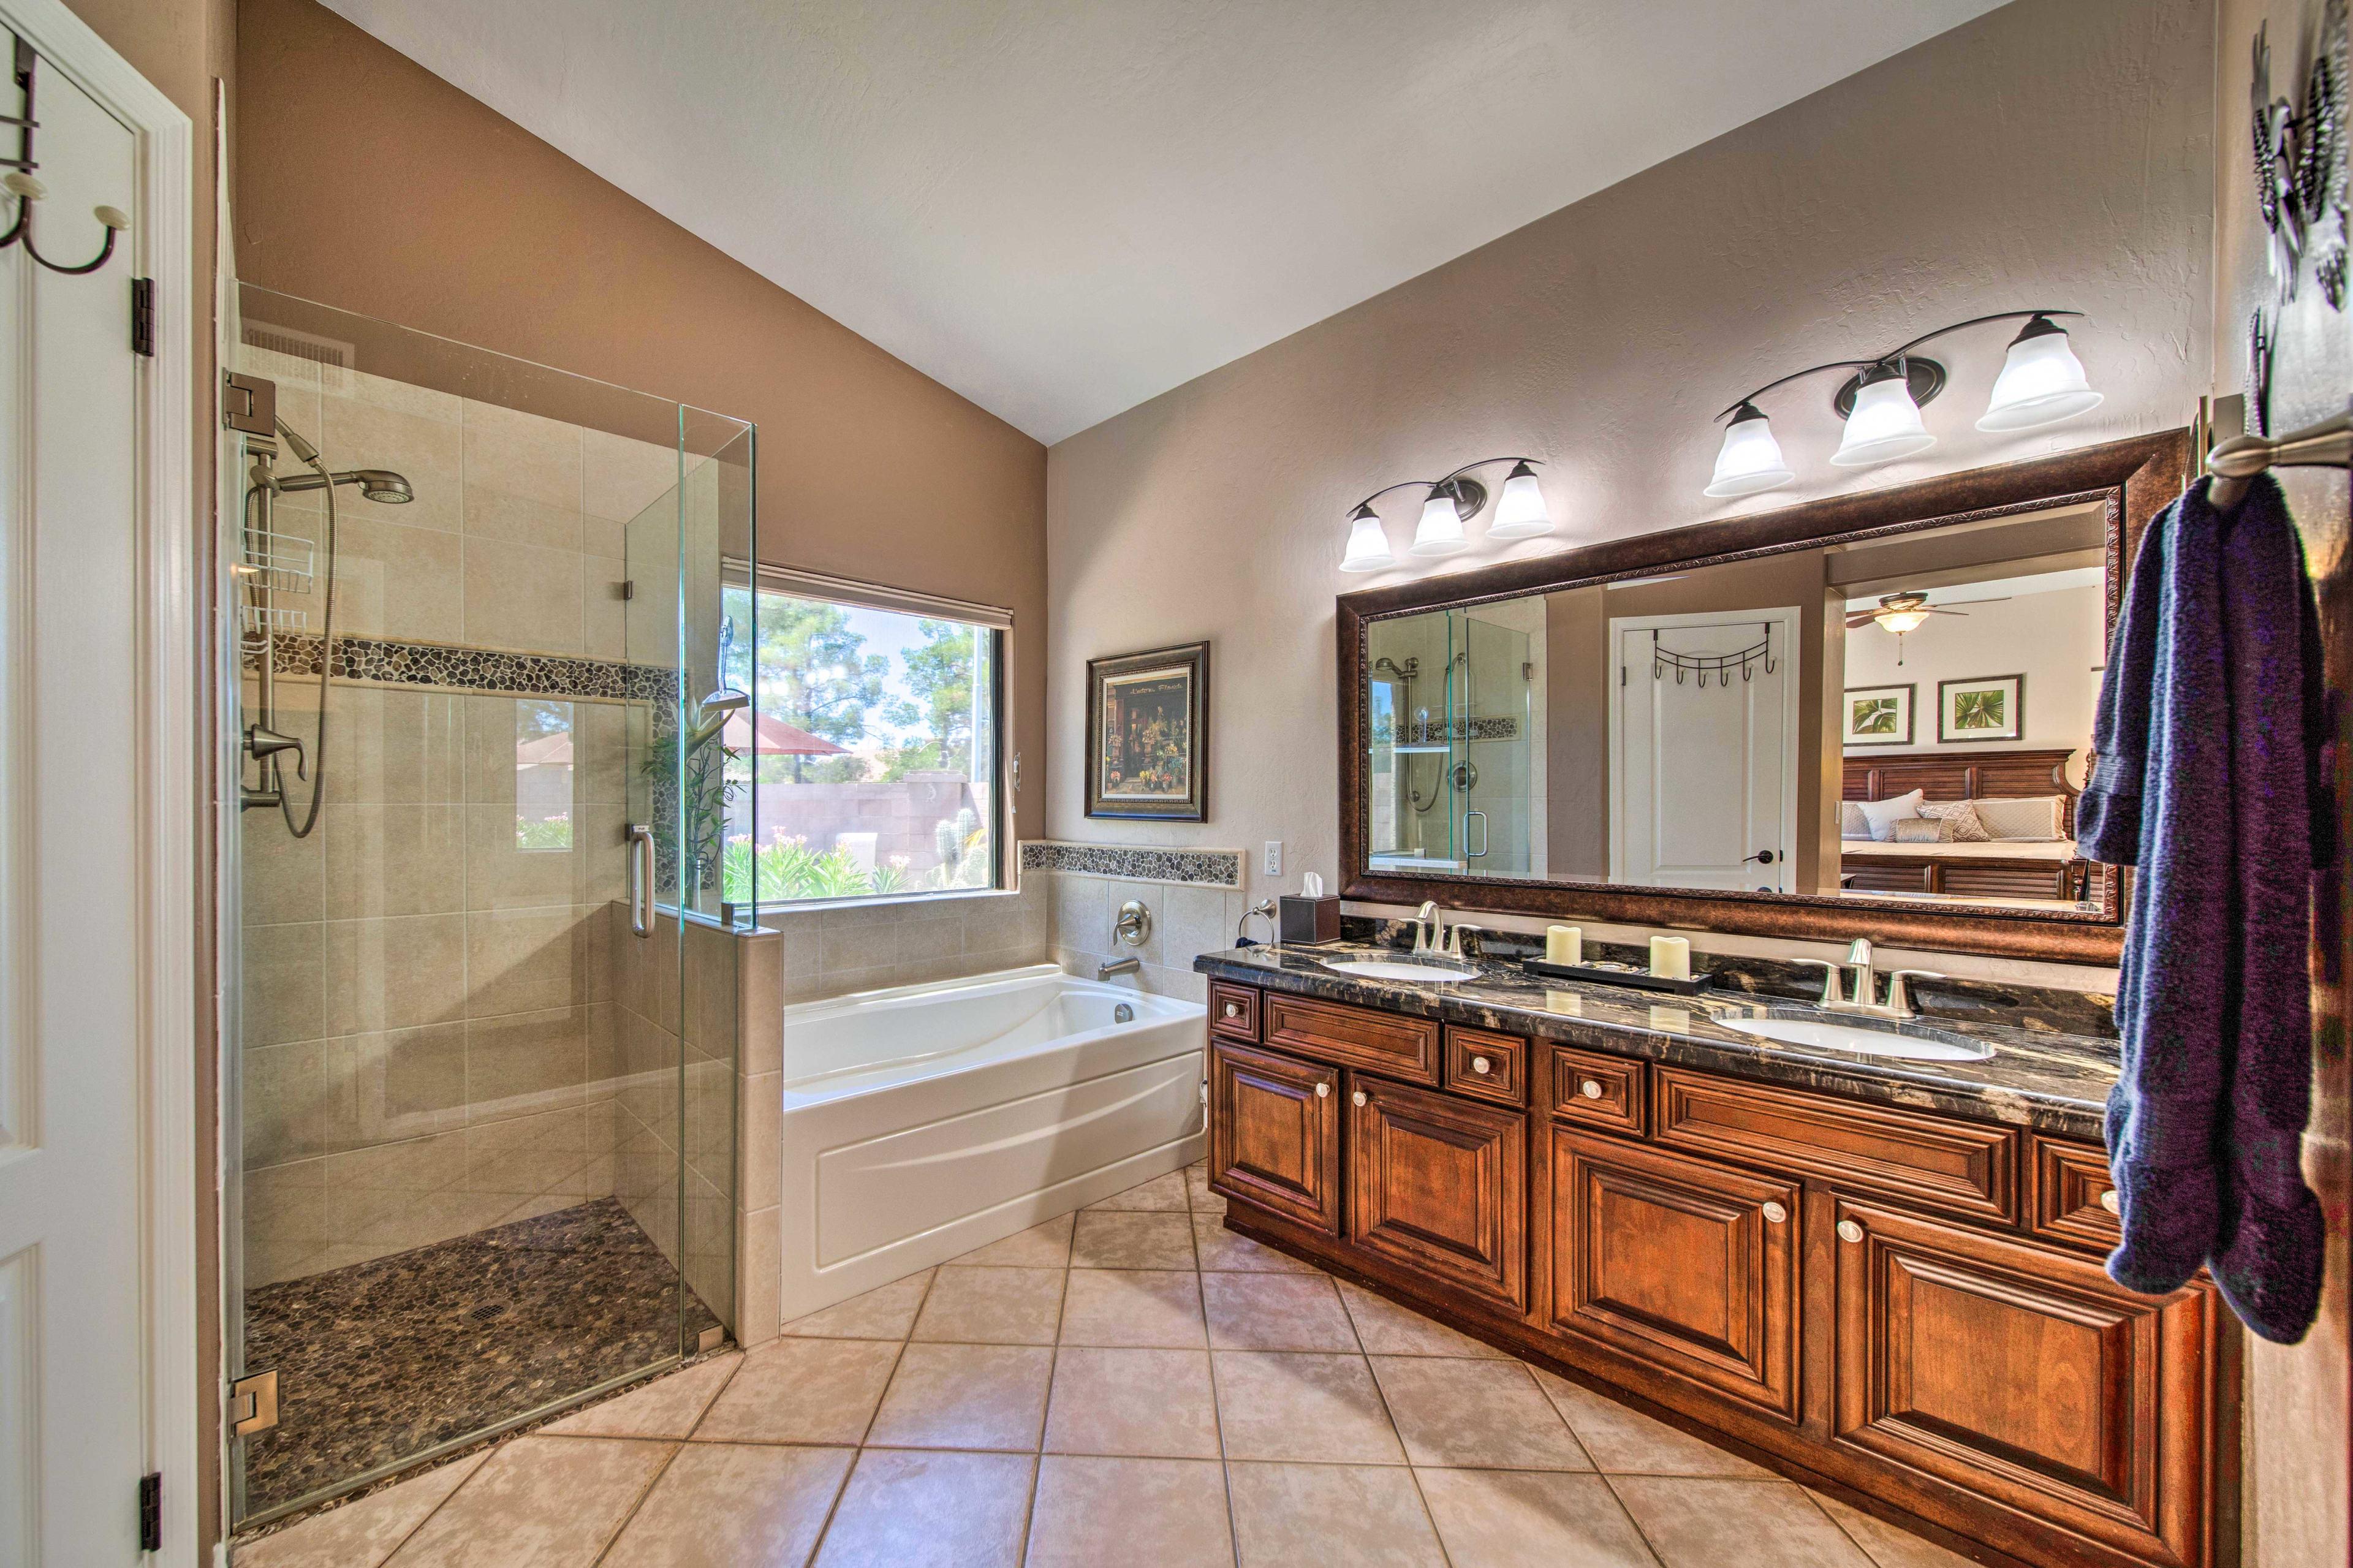 En-Suite Bathroom | Soaking Tub | Walk-In Shower